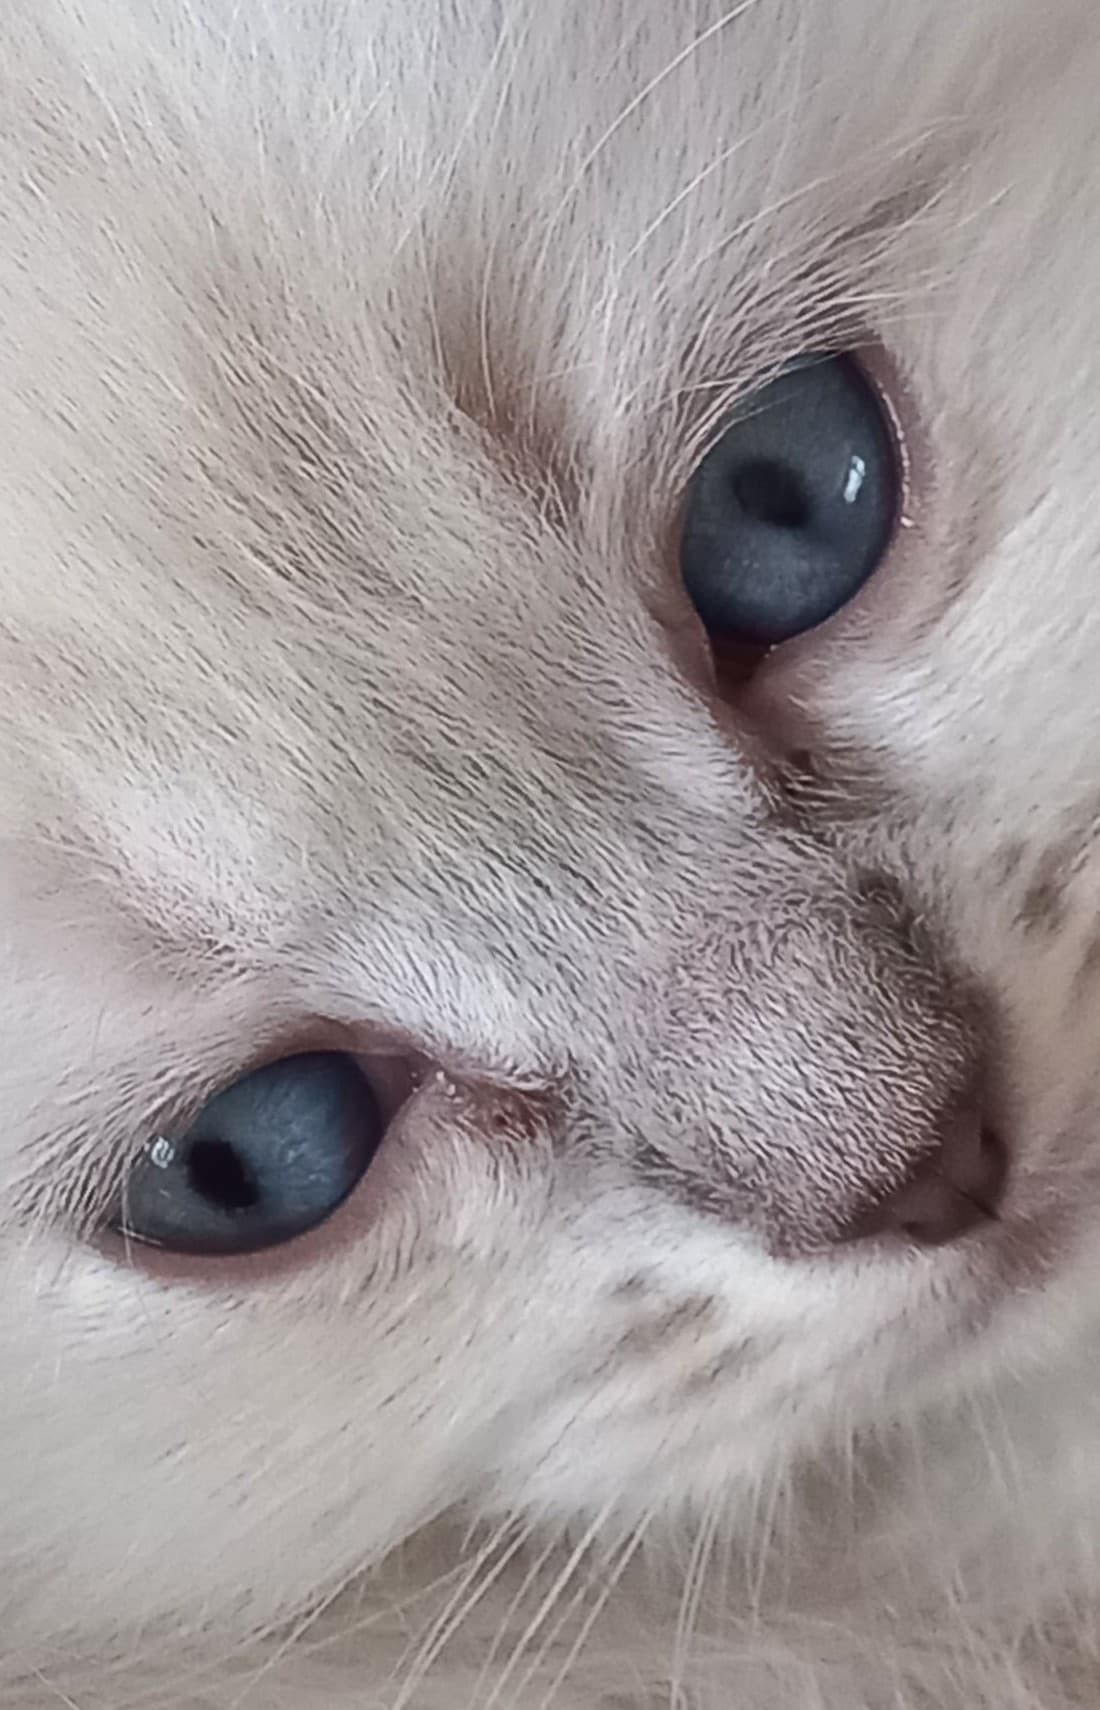 Ragdoll kitten - Een prachtige kitten die even stil bleef liggen. - foto door Mindert74 op 08-04-2021 - deze foto bevat: neus, hoofd, kat, wenkbrauw, oog, felidae, menselijk lichaam, kleine tot middelgrote katten, carnivoor, bakkebaarden